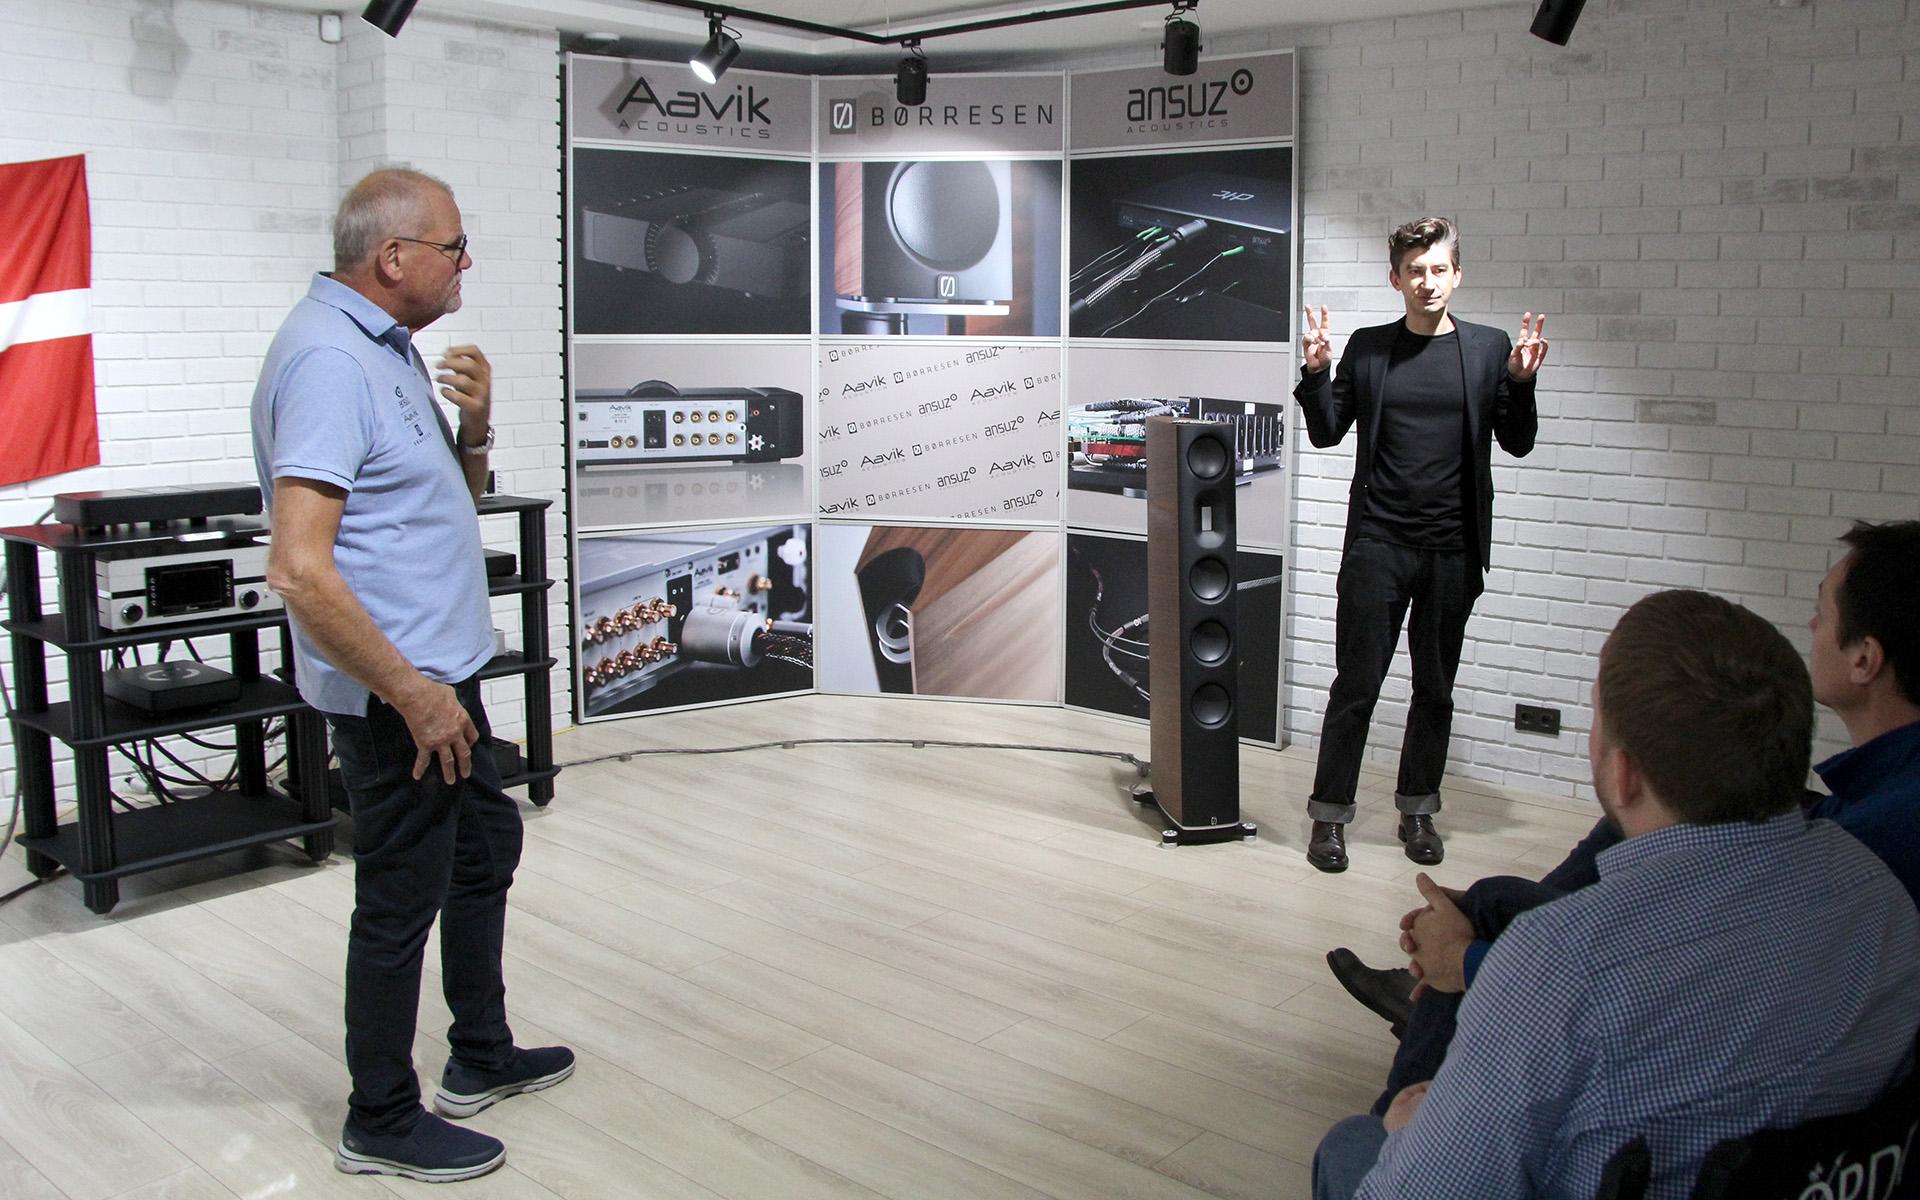 Самая быстрая аудиосистема: Михаил Борзенков слушает Ansuz, Aavik и Børresen